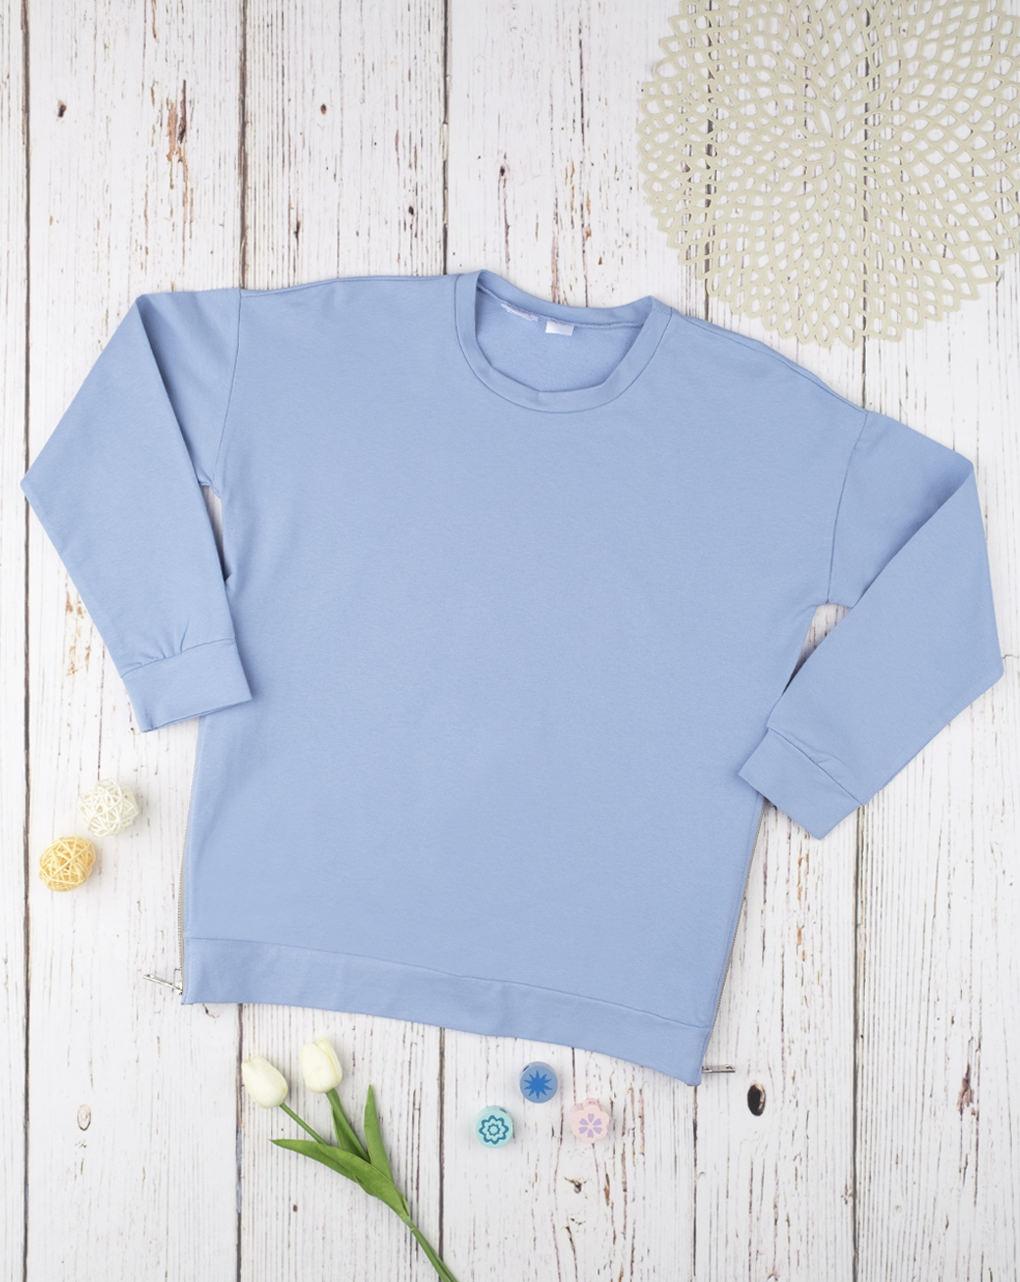 Γυναικεία Μπλούζα Θηλασμού με Φερμουάρ